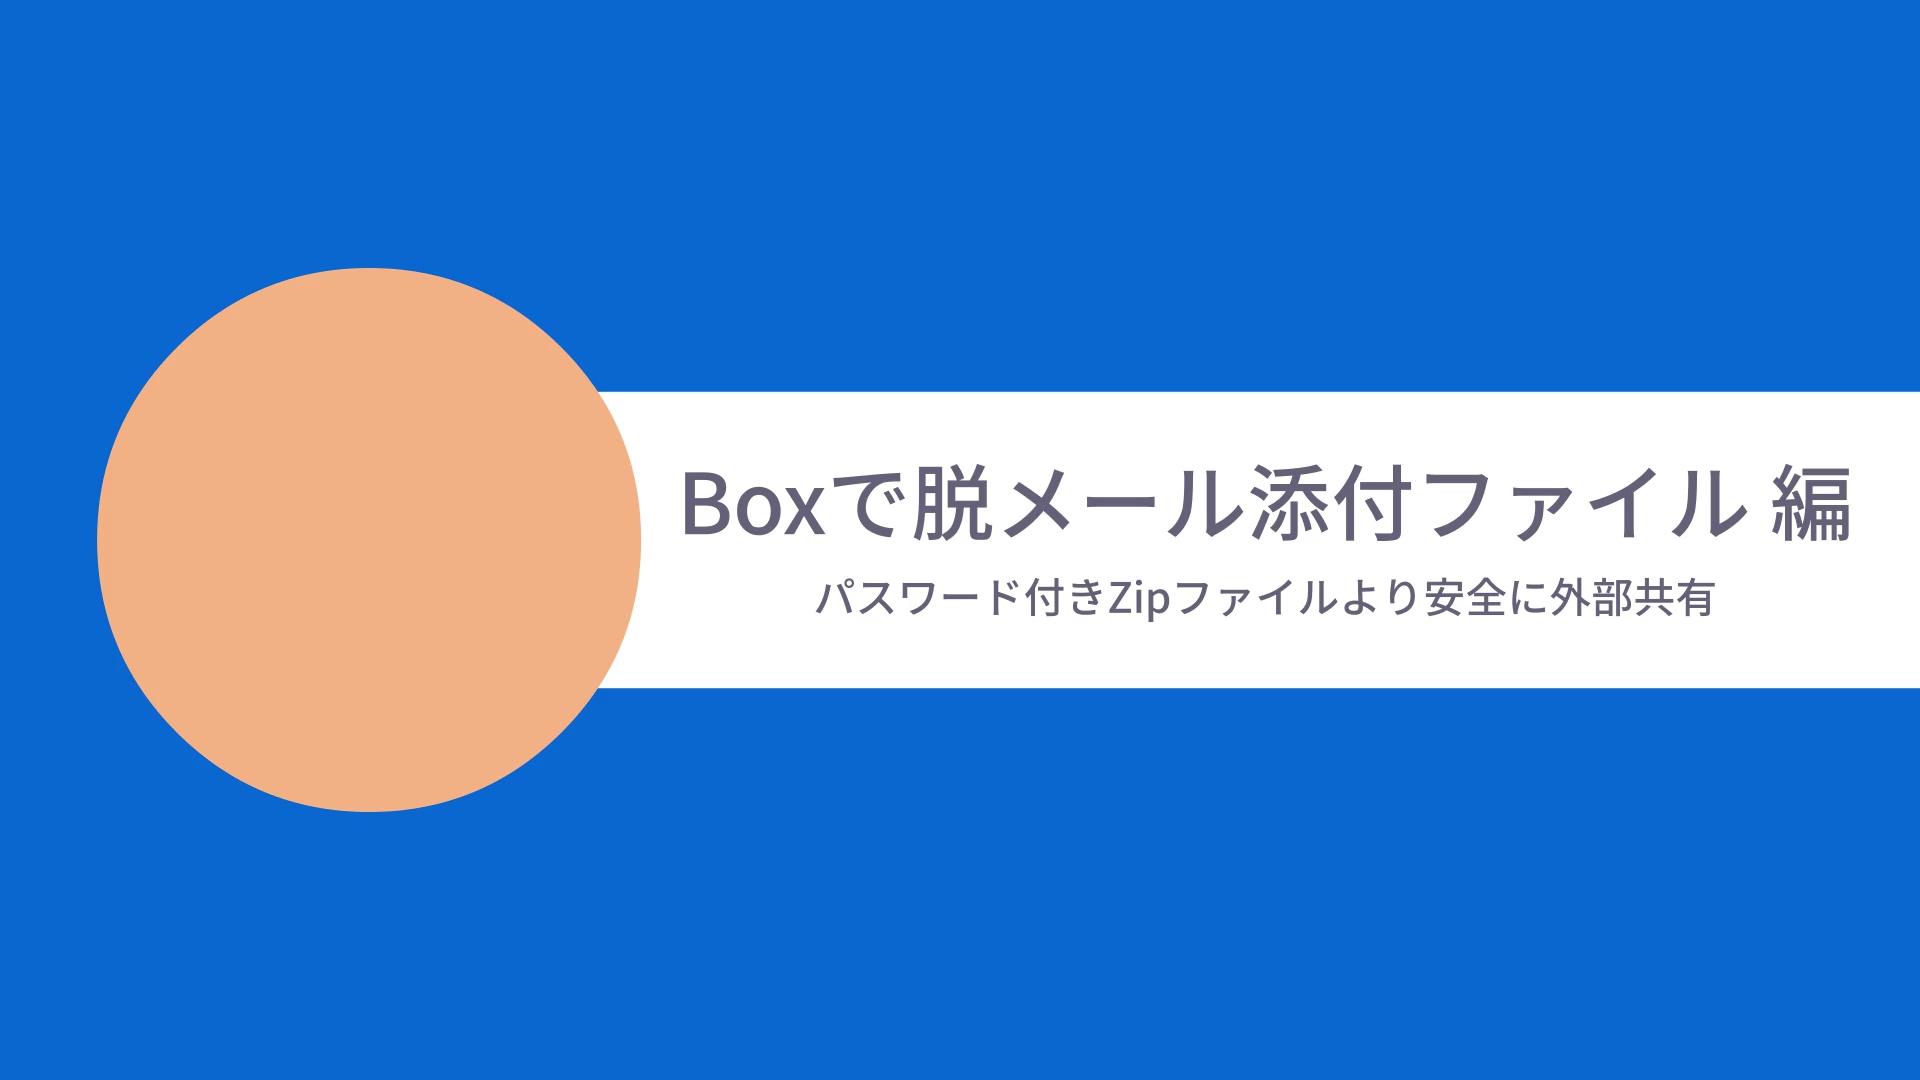 [Boxユースケースムービー] Boxで脱メール添付ファイル編